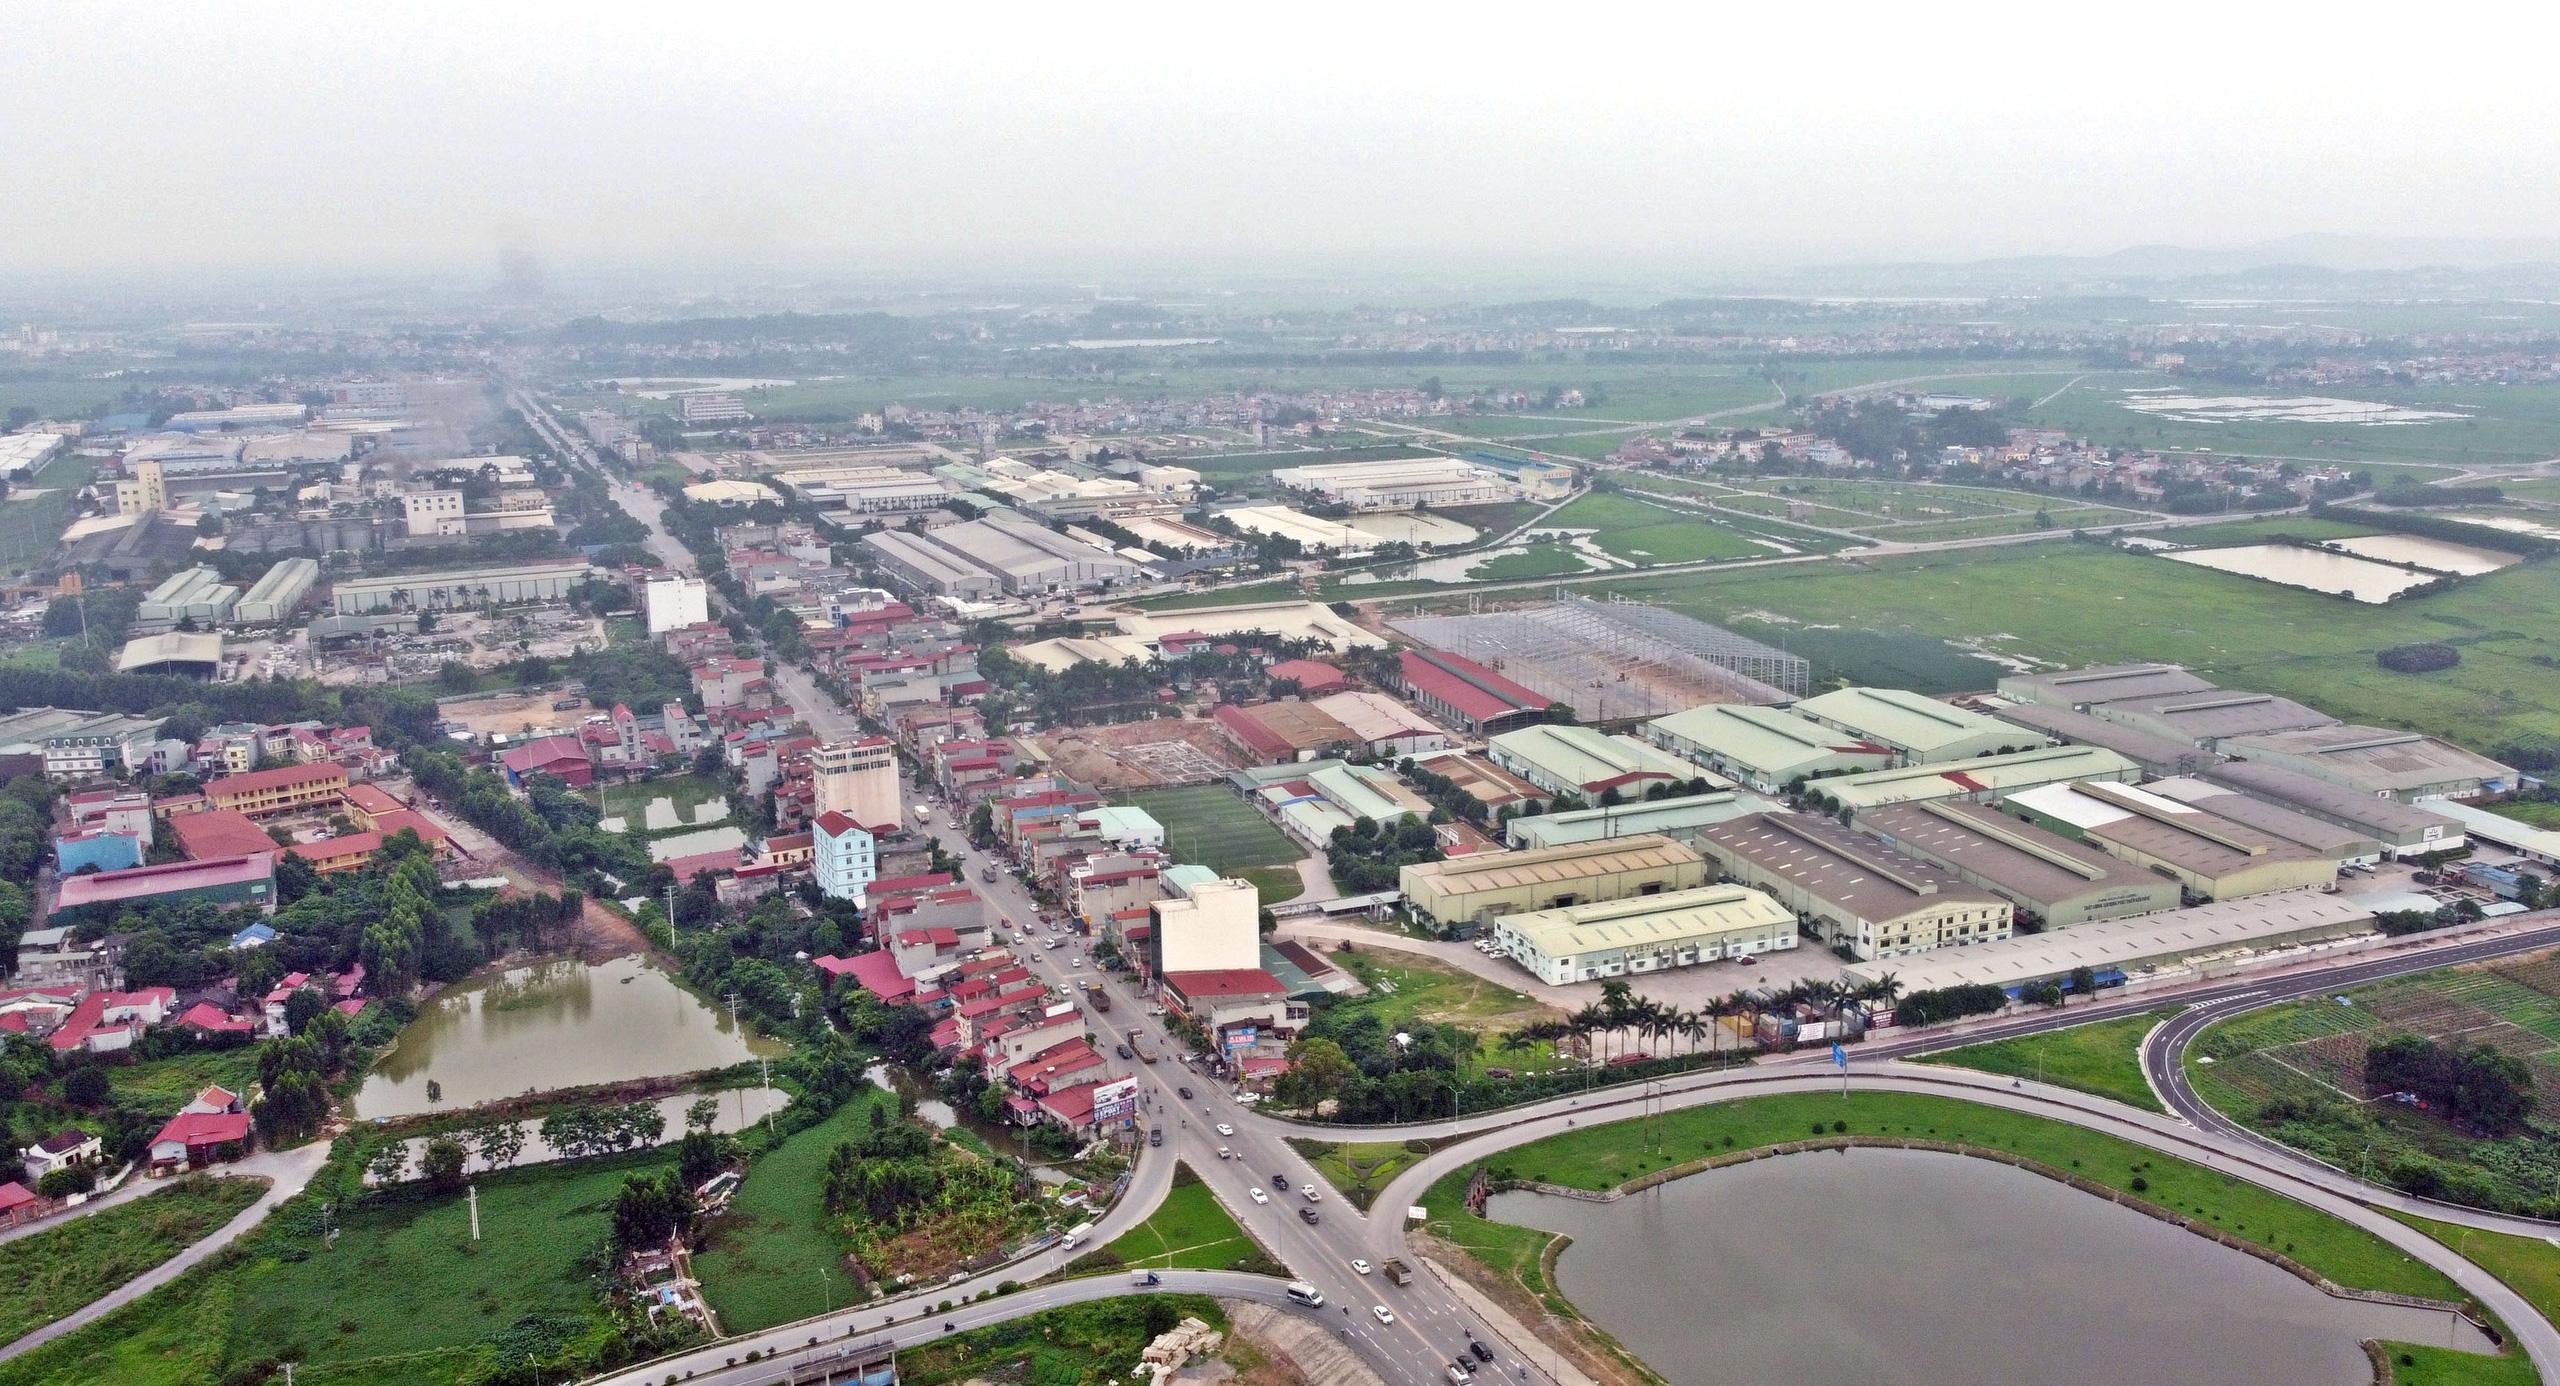 Toàn cảnh Bắc Ninh trước khi lên thành phố trực thuộc trung ương - Ảnh 25.